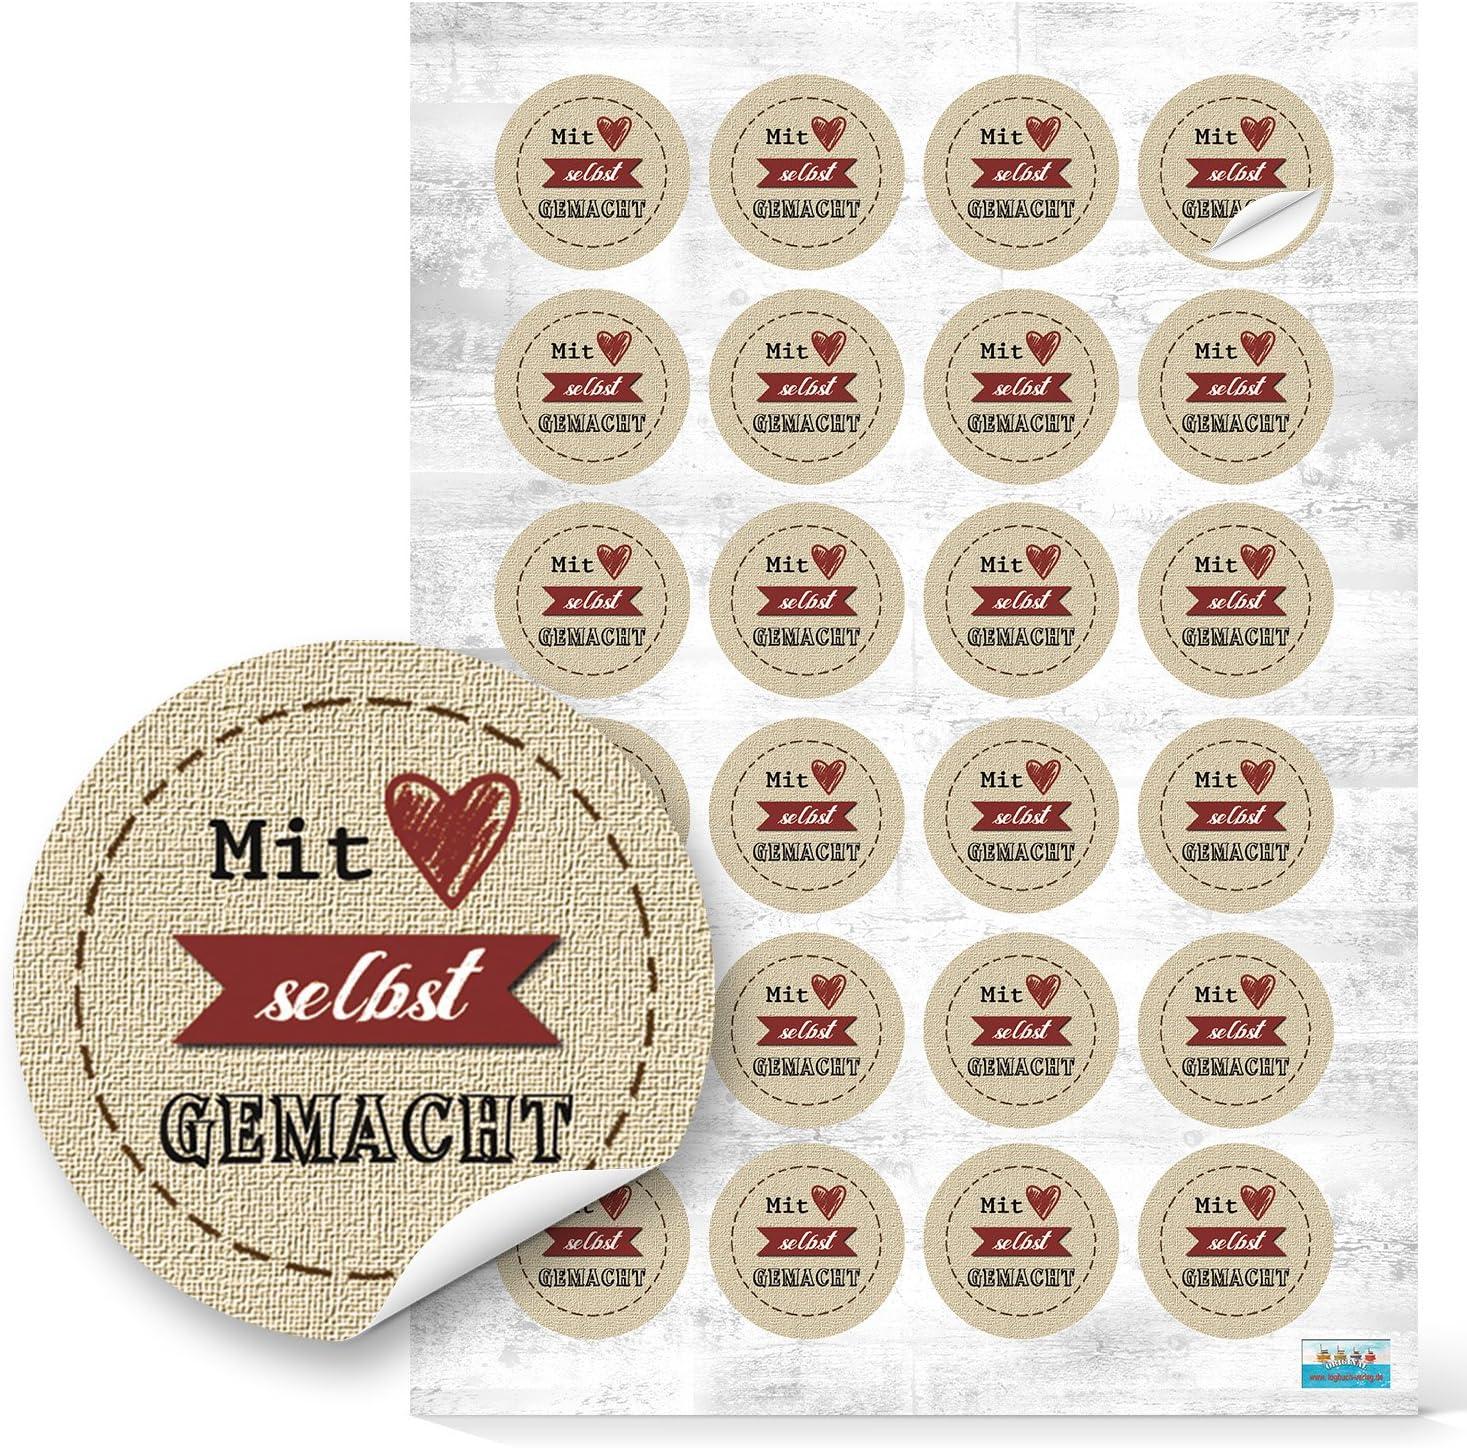 96 St/ück kleine runde Mit HERZ selbstgemacht beige natur rot Kraftpapier Look Aufkleber selbstklebende Etiketten Sticker f/ür give-away Geschenke Pr/äsente Kunden Verpackung wie handgemacht